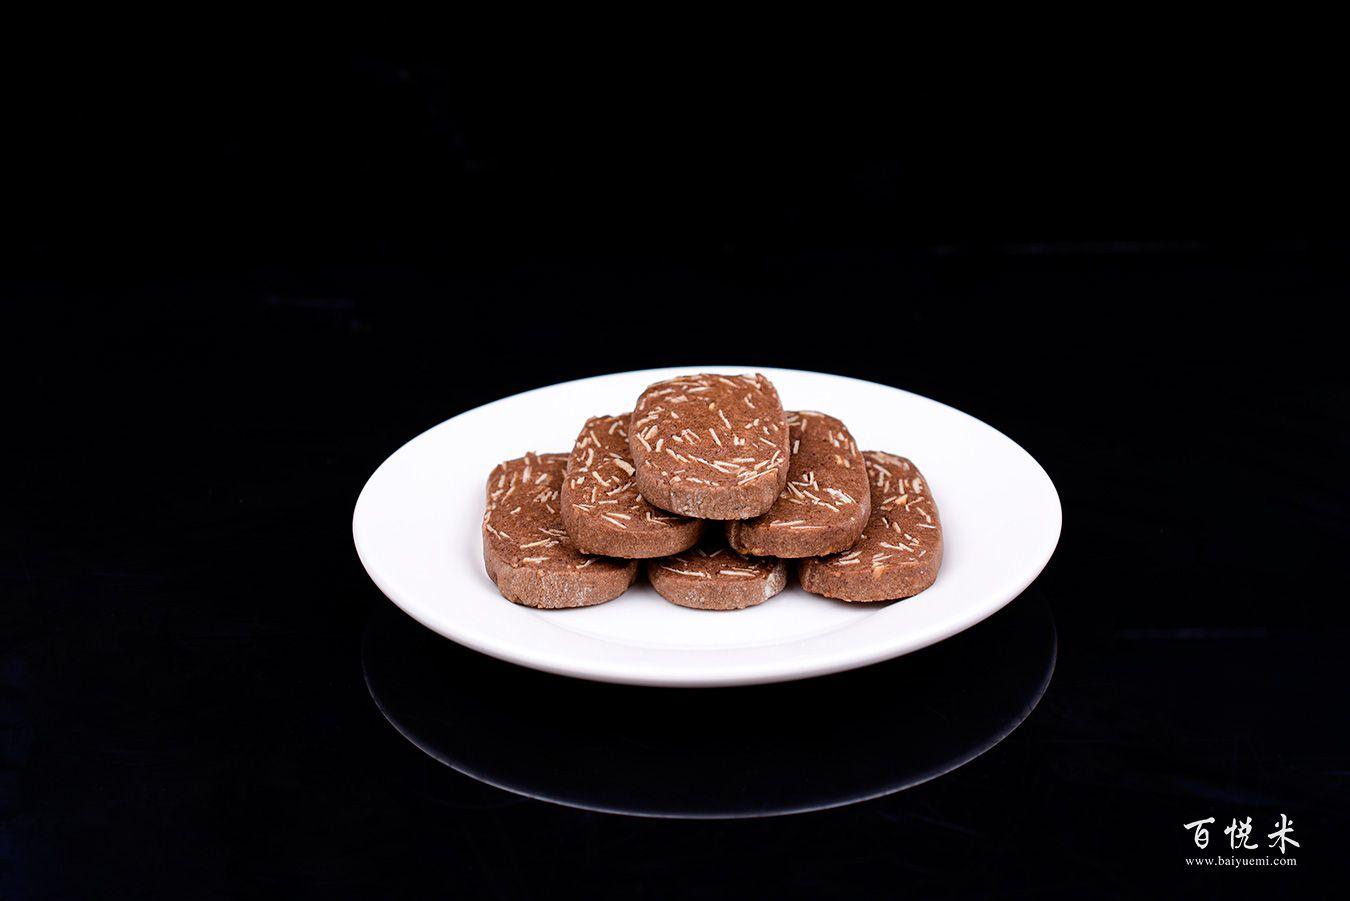 杏仁巧克力饼干高清图片大全【蛋糕图片】_344